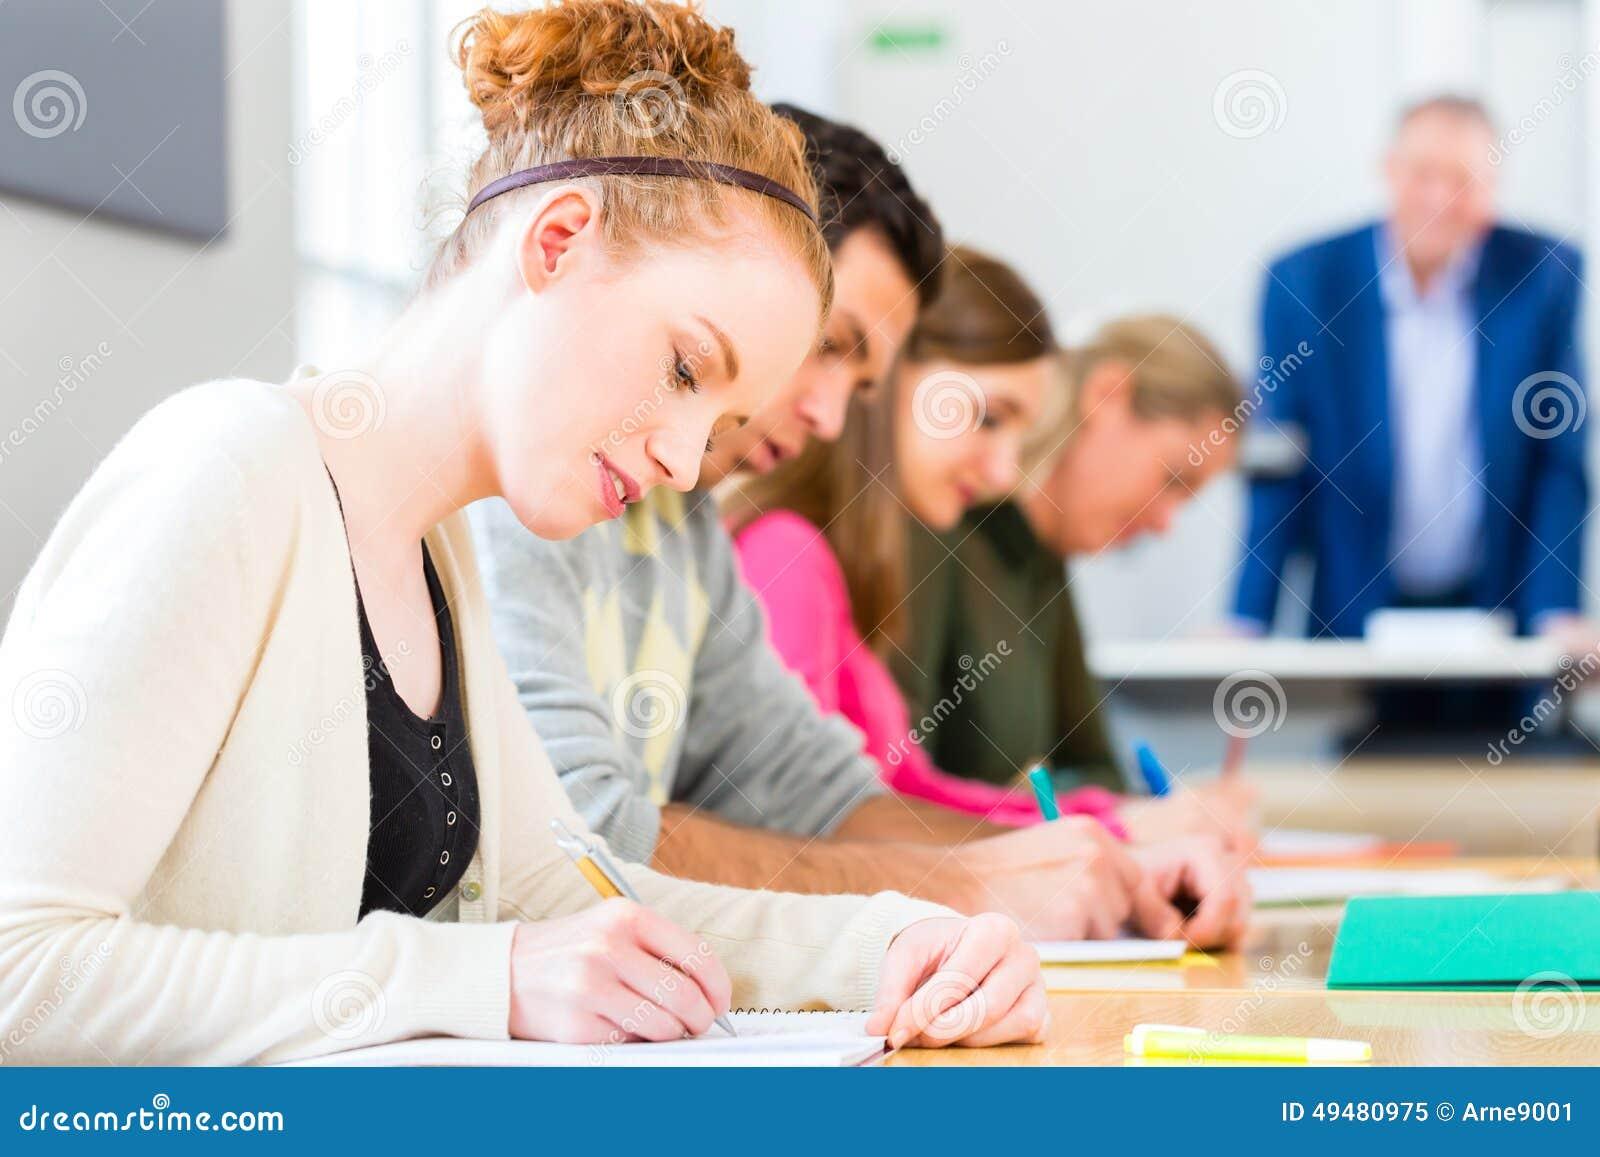 Studenten, Die Test Oder Prüfung Schreiben Stockbild - Bild von ...